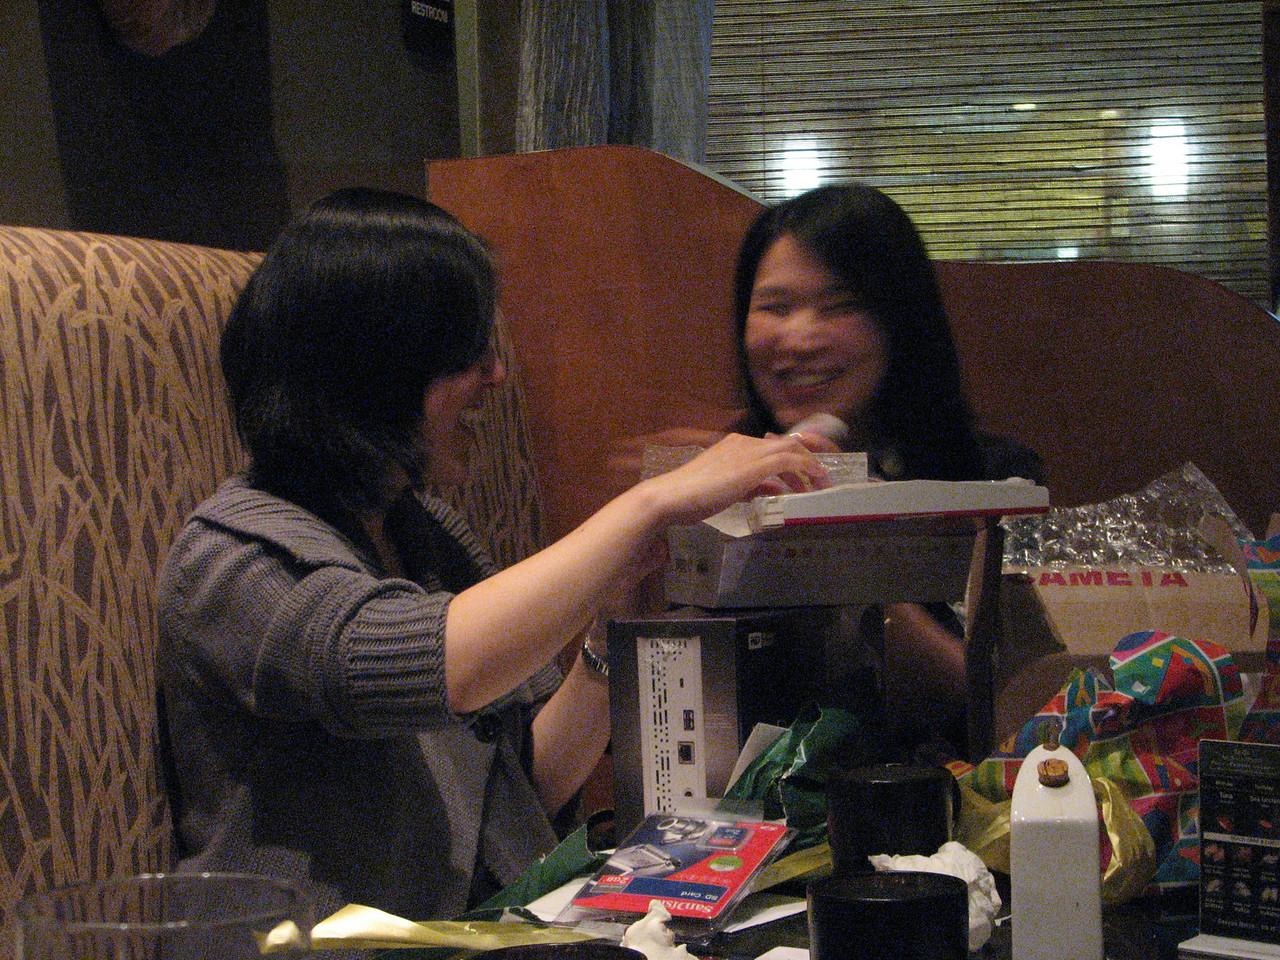 2008 03 15 Sat - Toros - Sojin Kim & Seung Hyun Lee opening presents 4